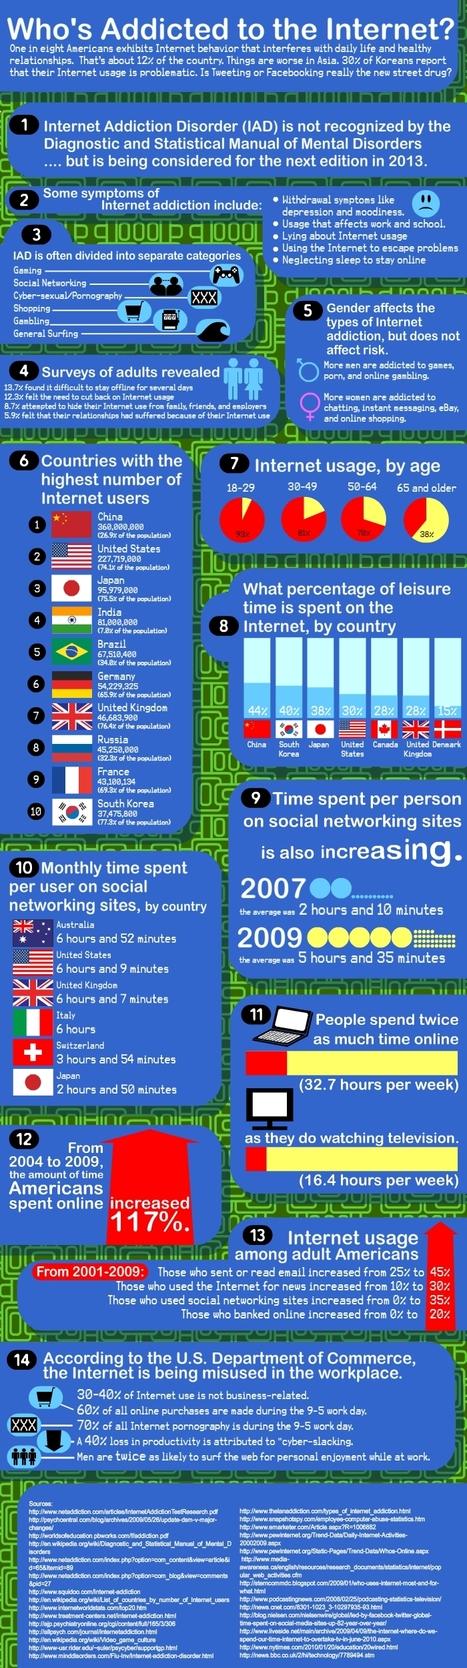 ¿Quién es adicto a Internet? #infografia #infographic #internet | Educación a Distancia y TIC | Scoop.it